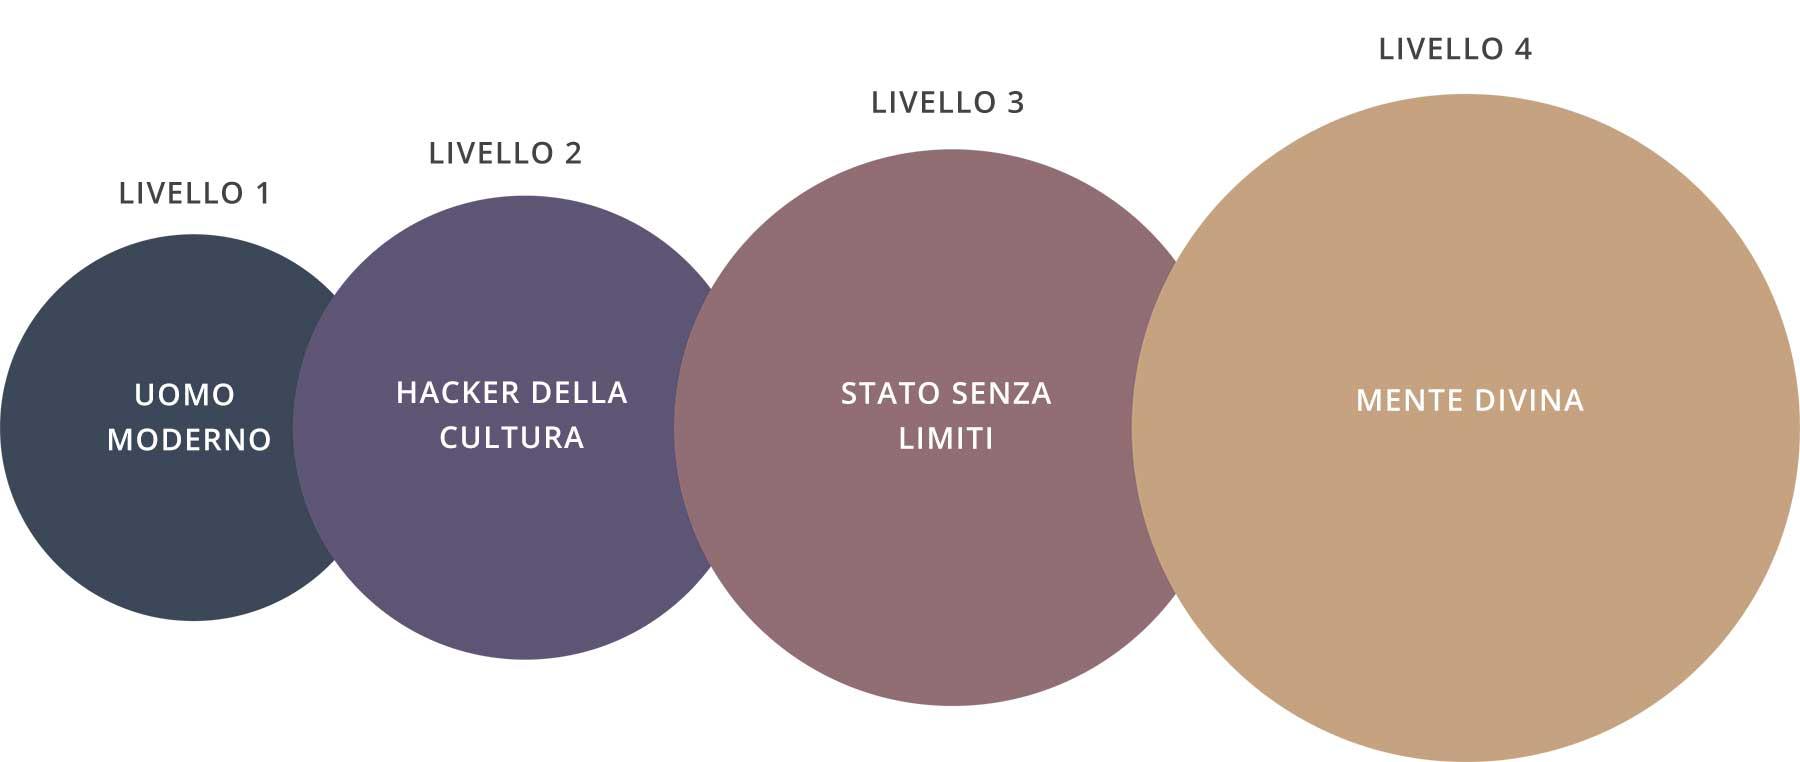 Ecco i 4 Livelli della Scala dell Evoluzione della Consapevolezza 5d7f1f4fd979